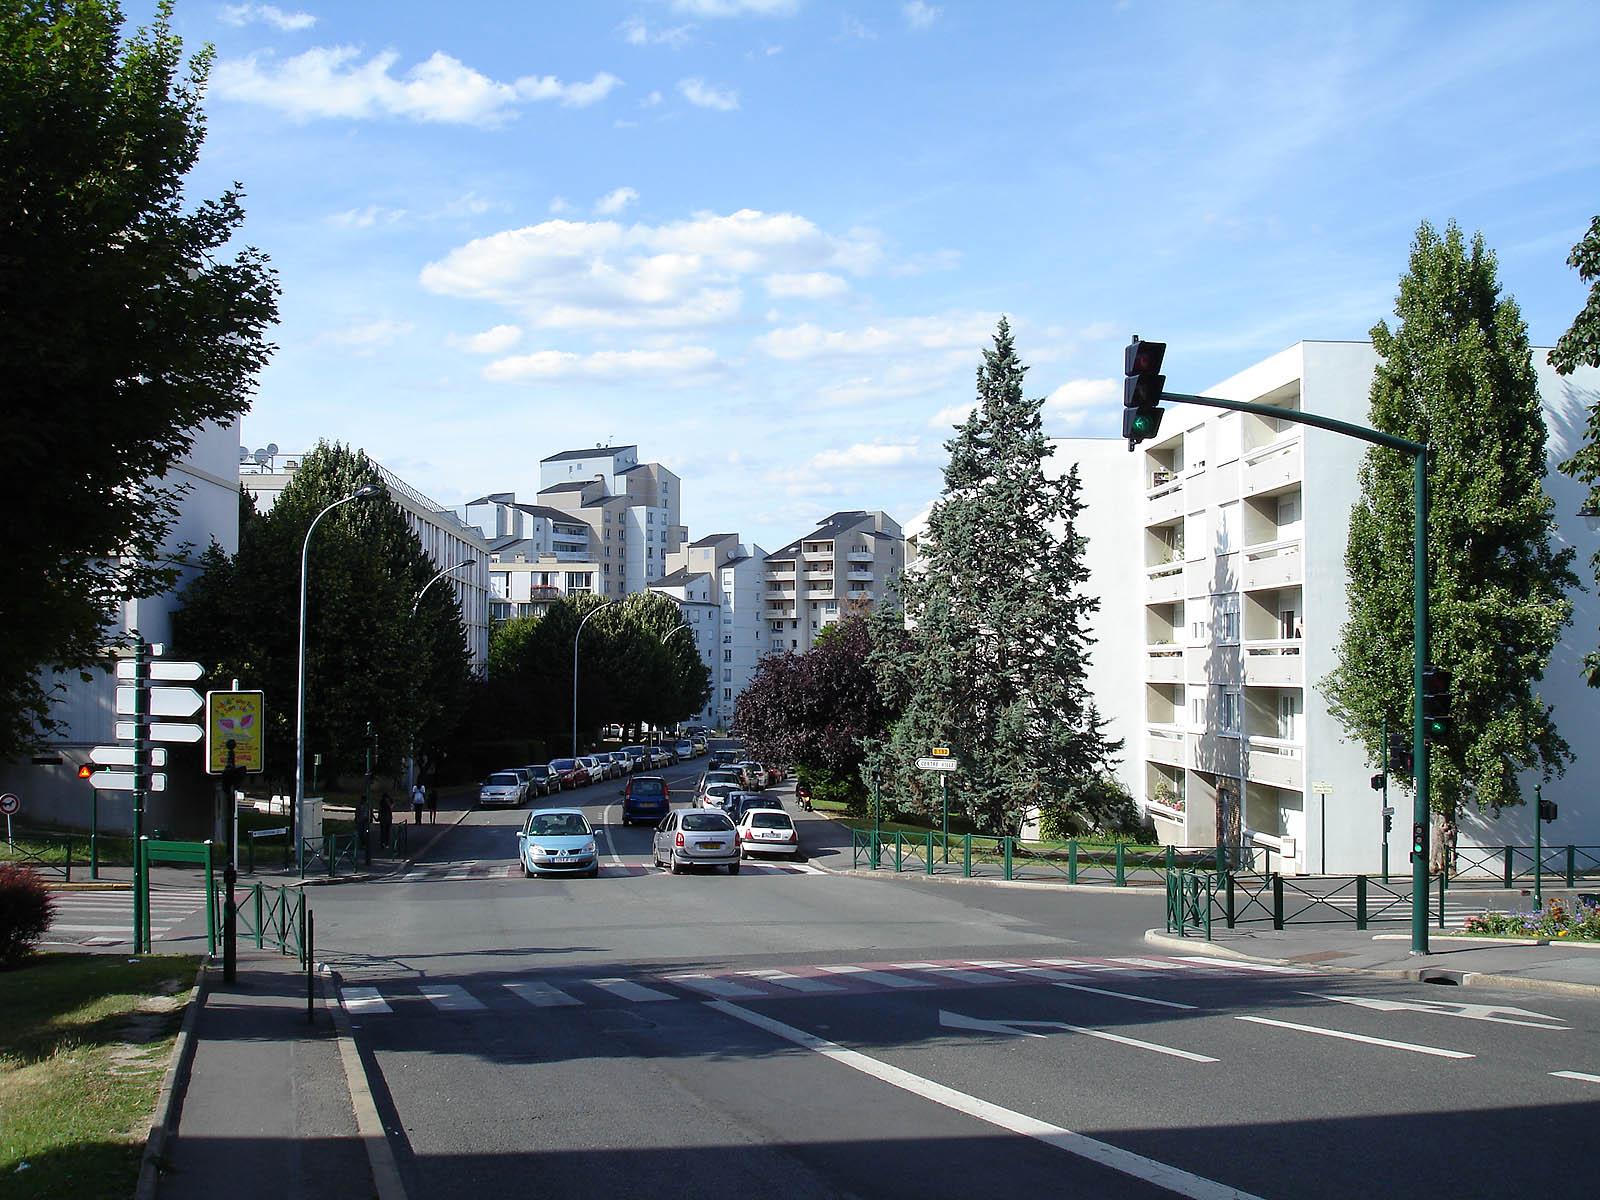 Rue Du Puits De La Ville Laroque Des Alb Ef Bf Bdres